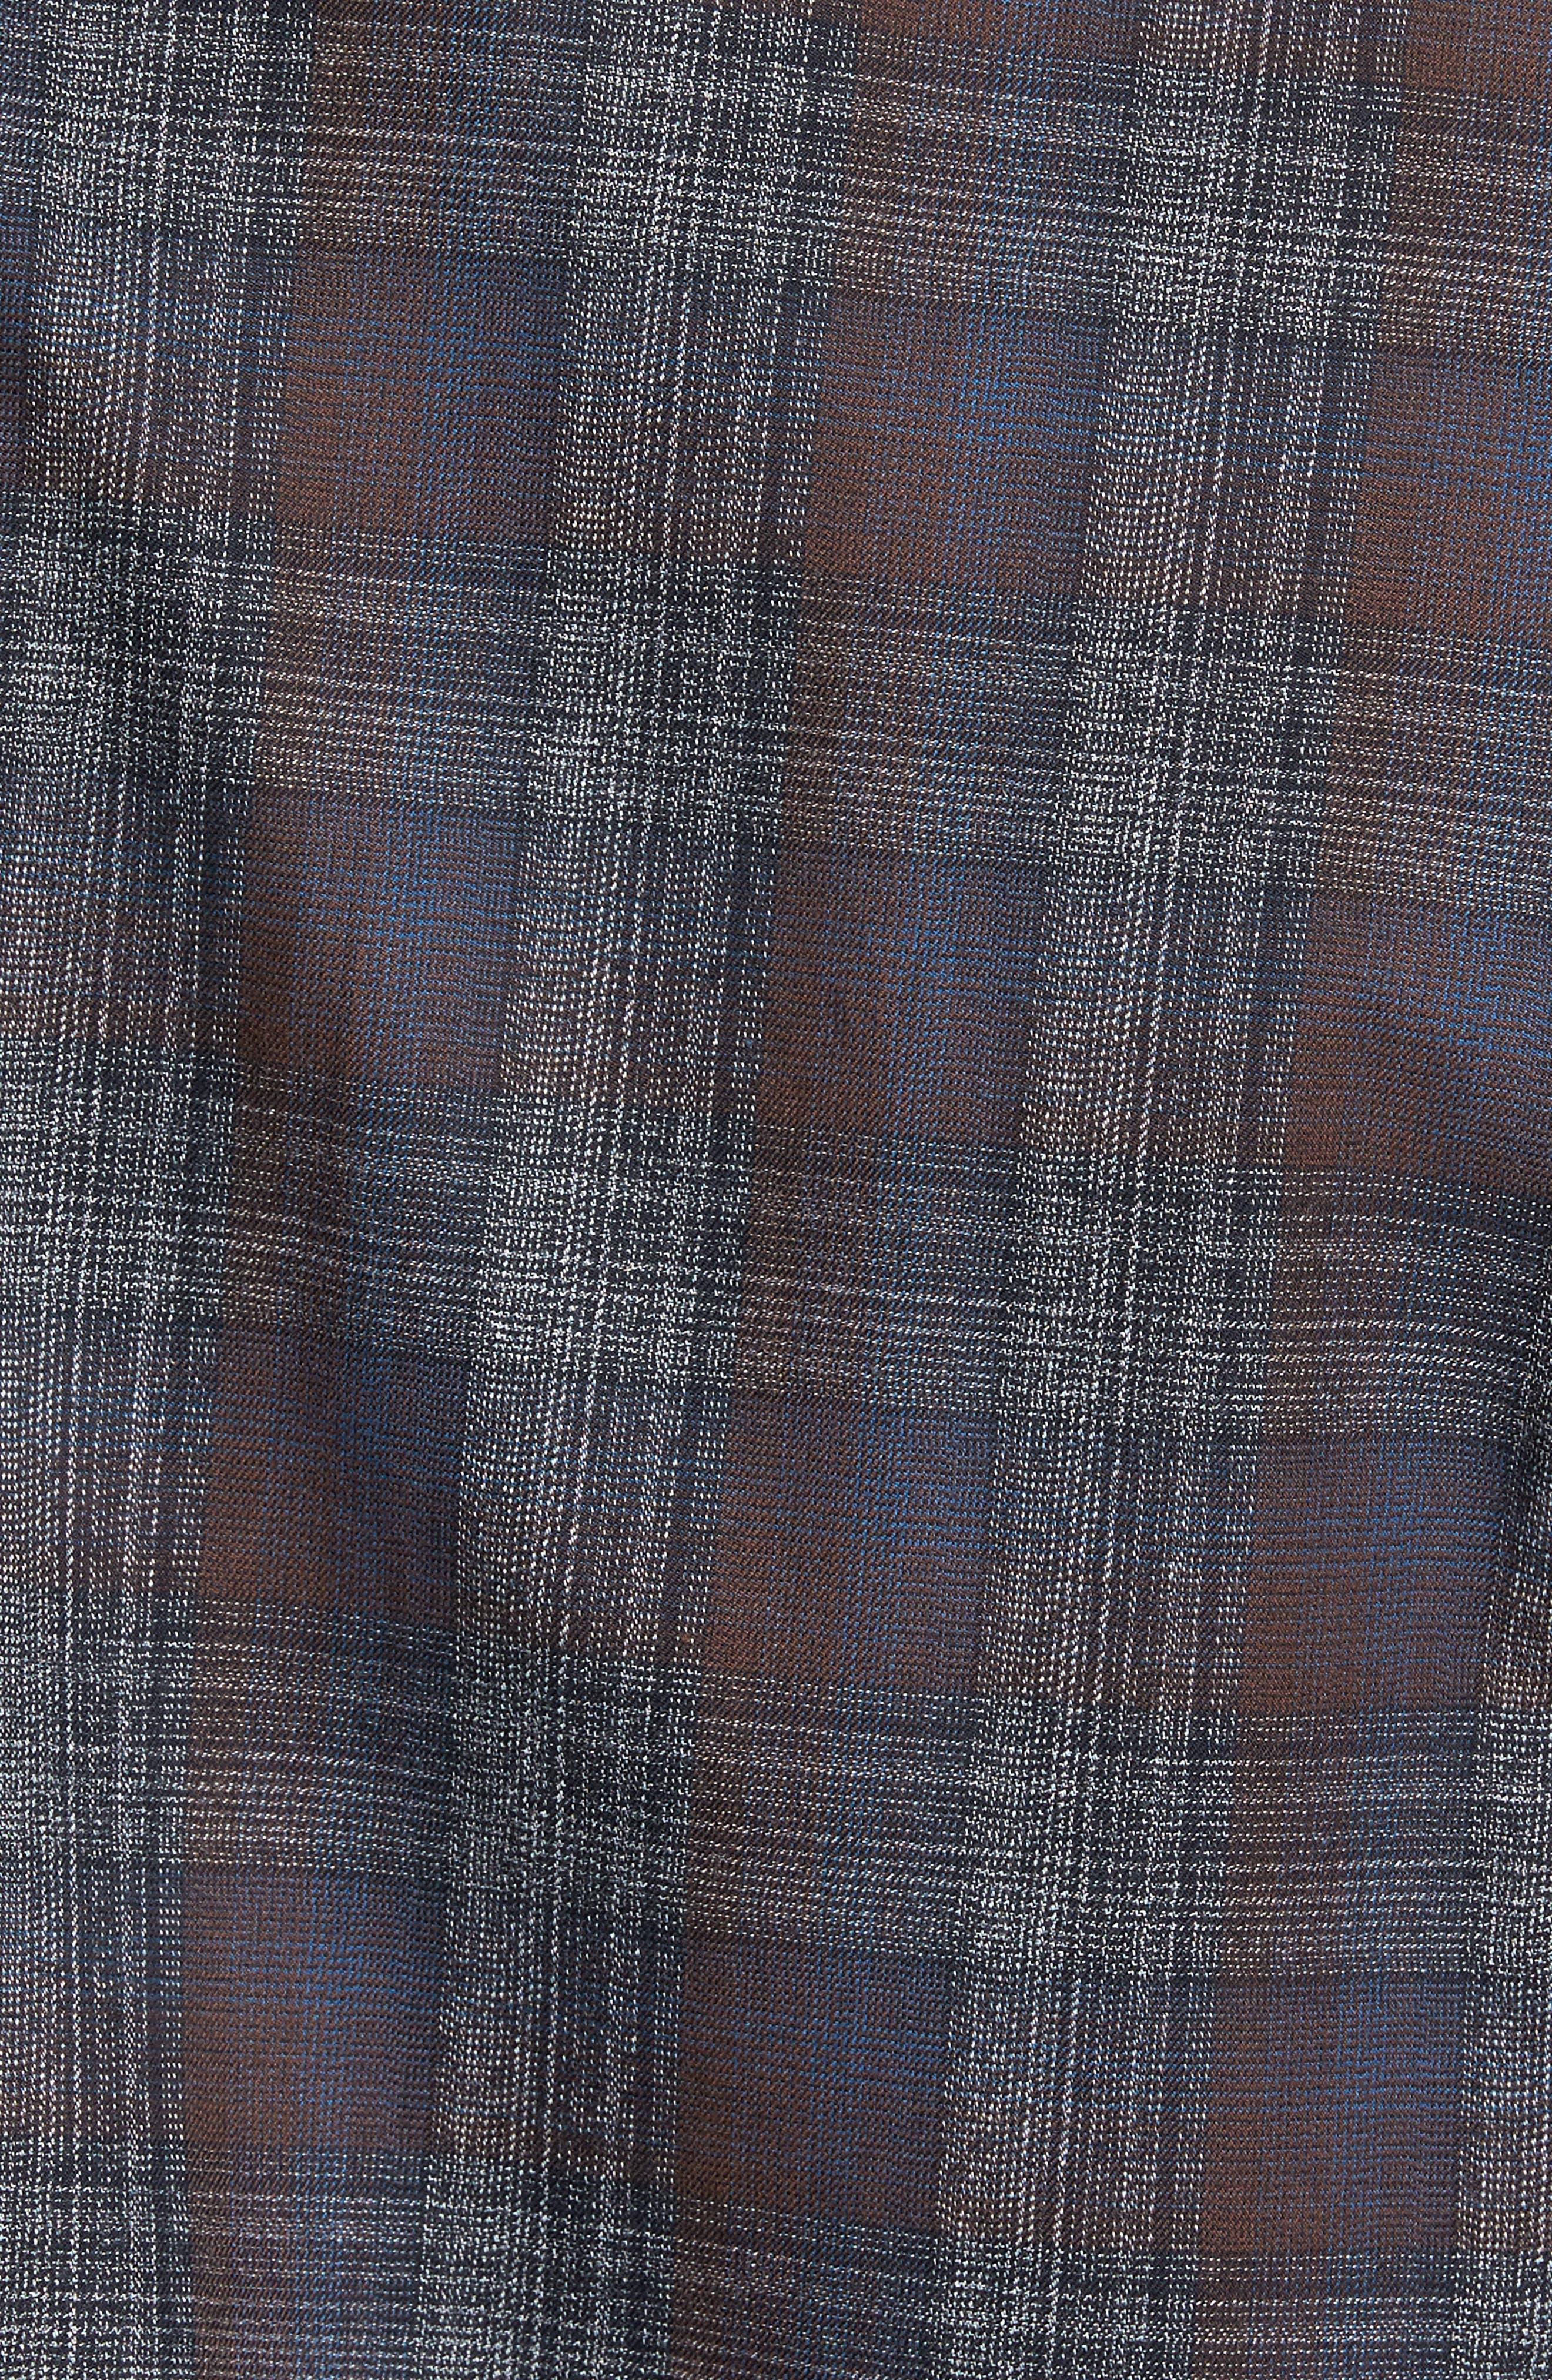 Trim Fit Plaid Sport Shirt,                             Alternate thumbnail 6, color,                             290 Brown Grey Plaid